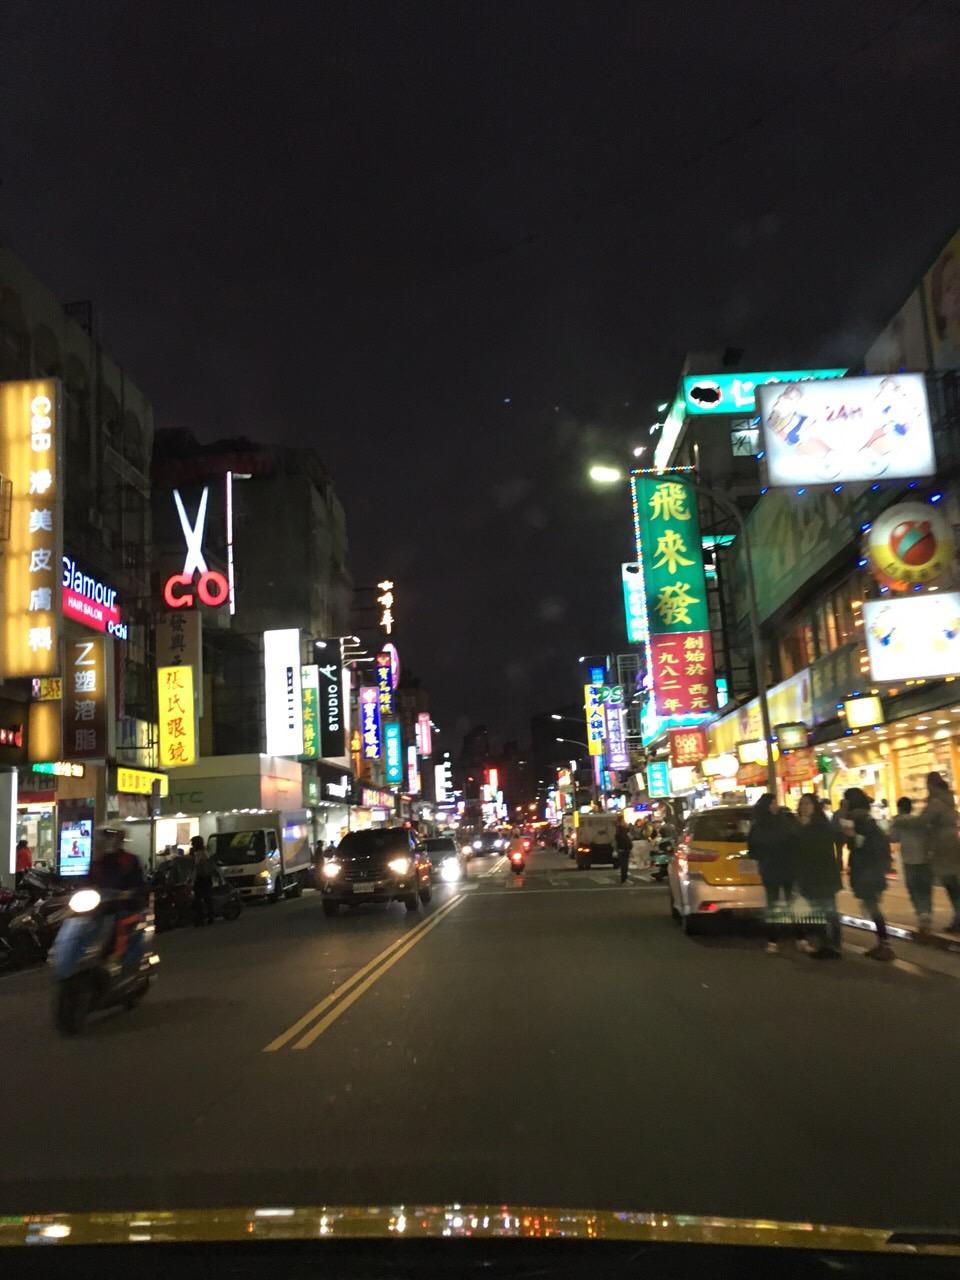 [台湾旅行] 僕が思わずおすすめしたくなったスポット3選を紹介!